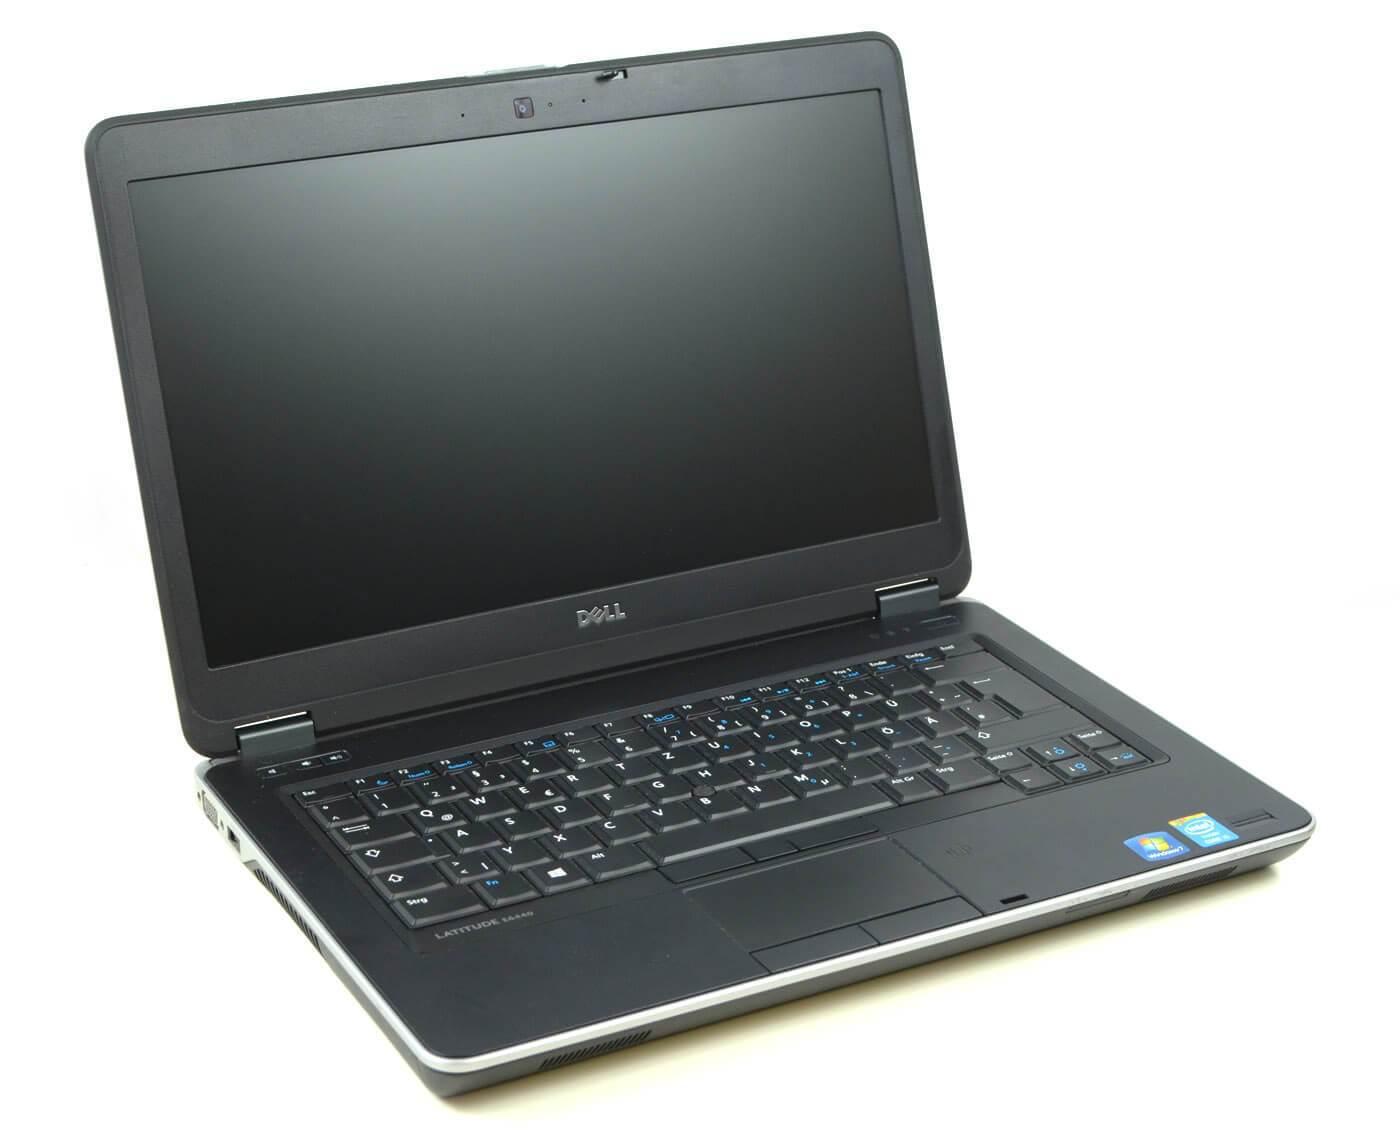 Dell Latitude E6440 Core i5 4300M, 4GB, SSD 120GB, 14 inch HD, HD Graphics 4600